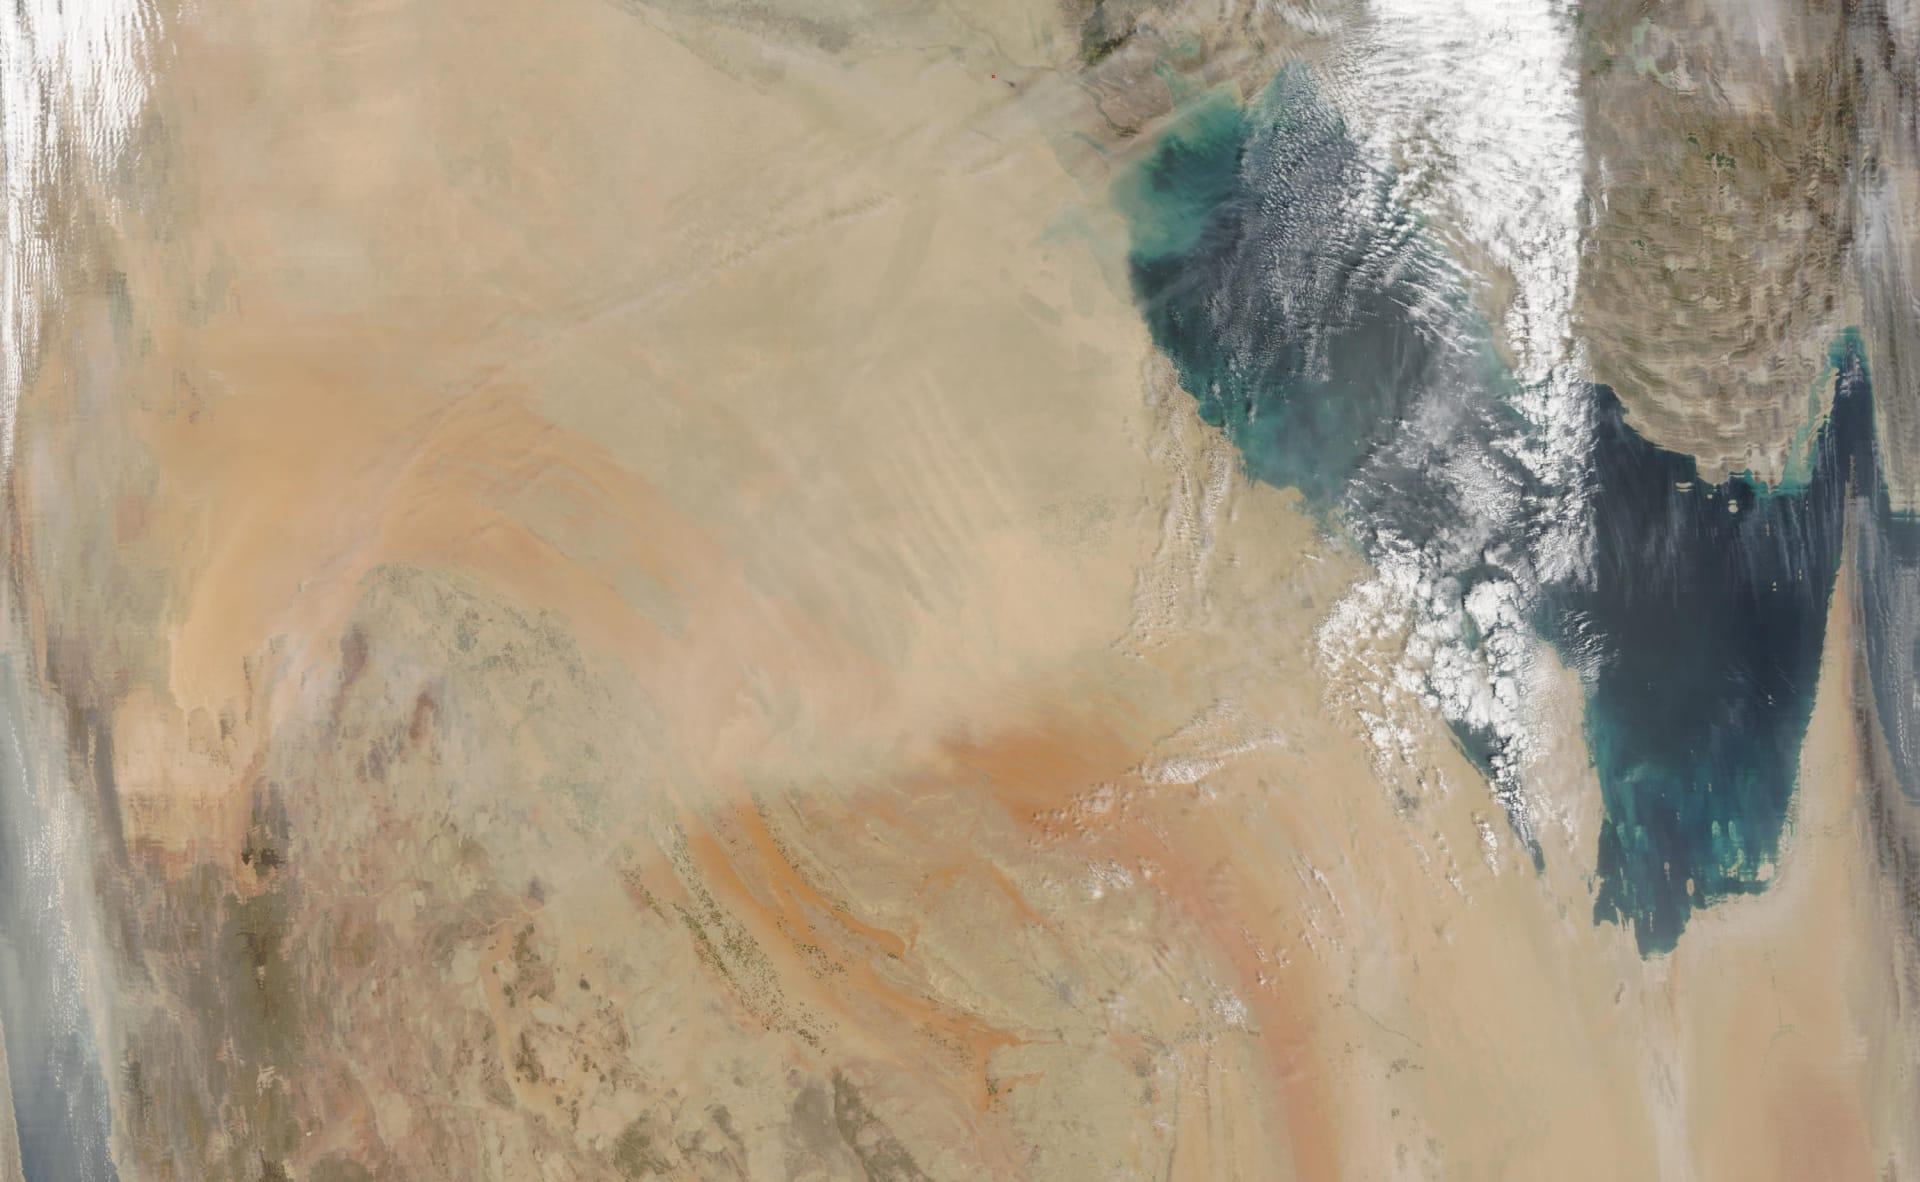 صورة أرشيفية من الفضاء لشبه الجزيرة العربية